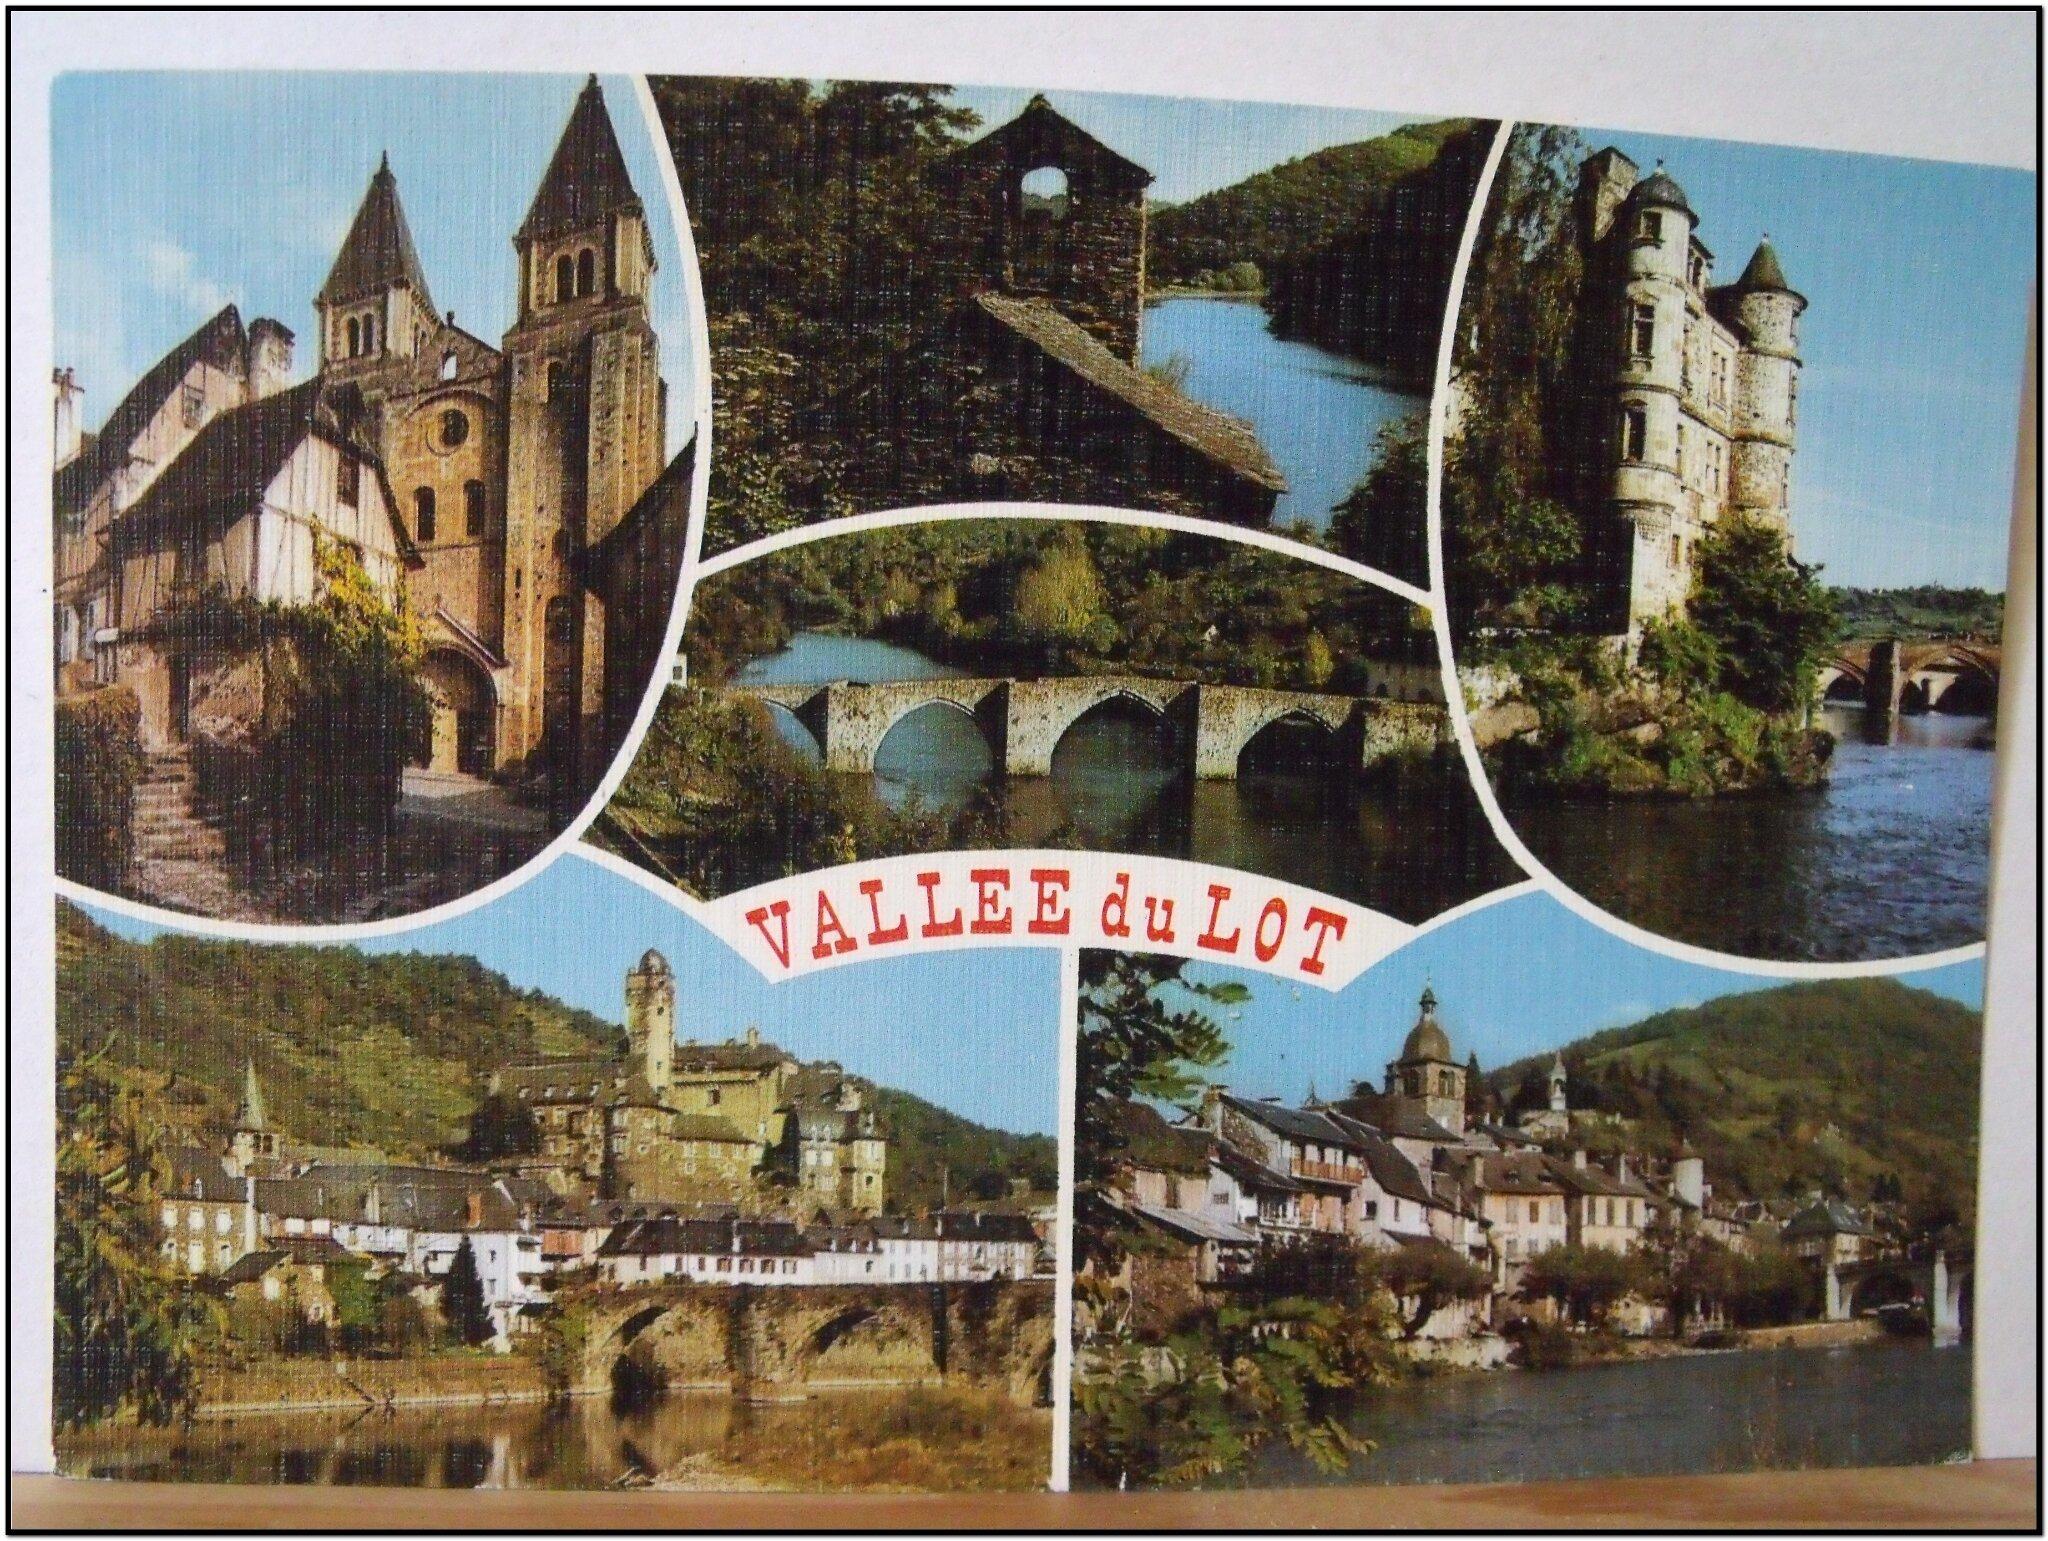 Vallée du Lot - datée 1991